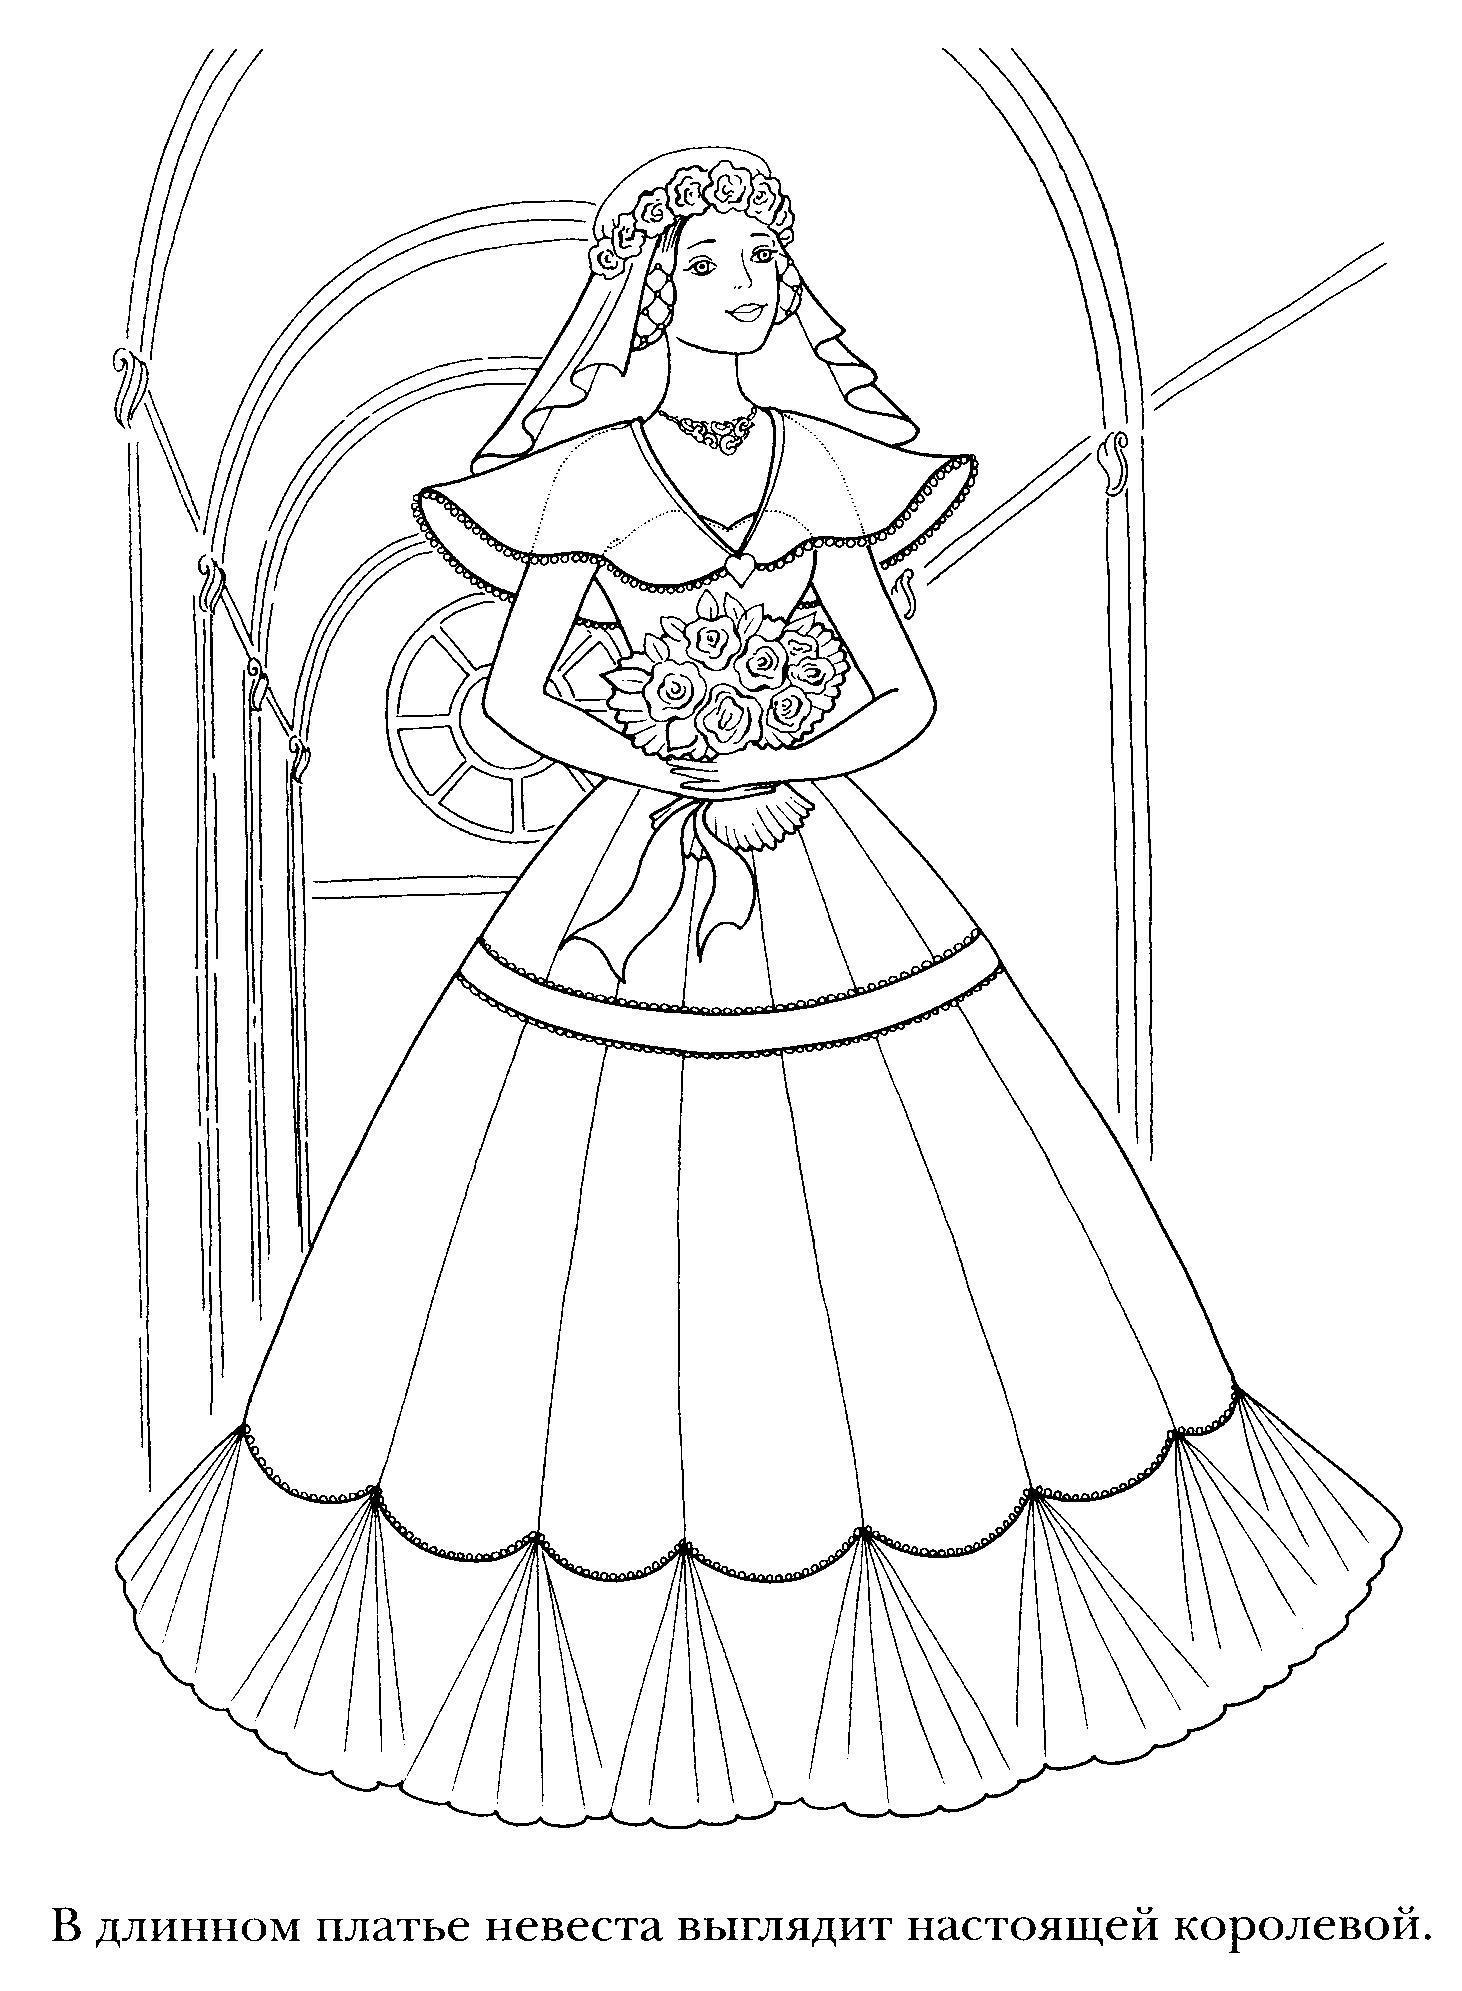 Платье невесты Раскраски для девочек онлайн